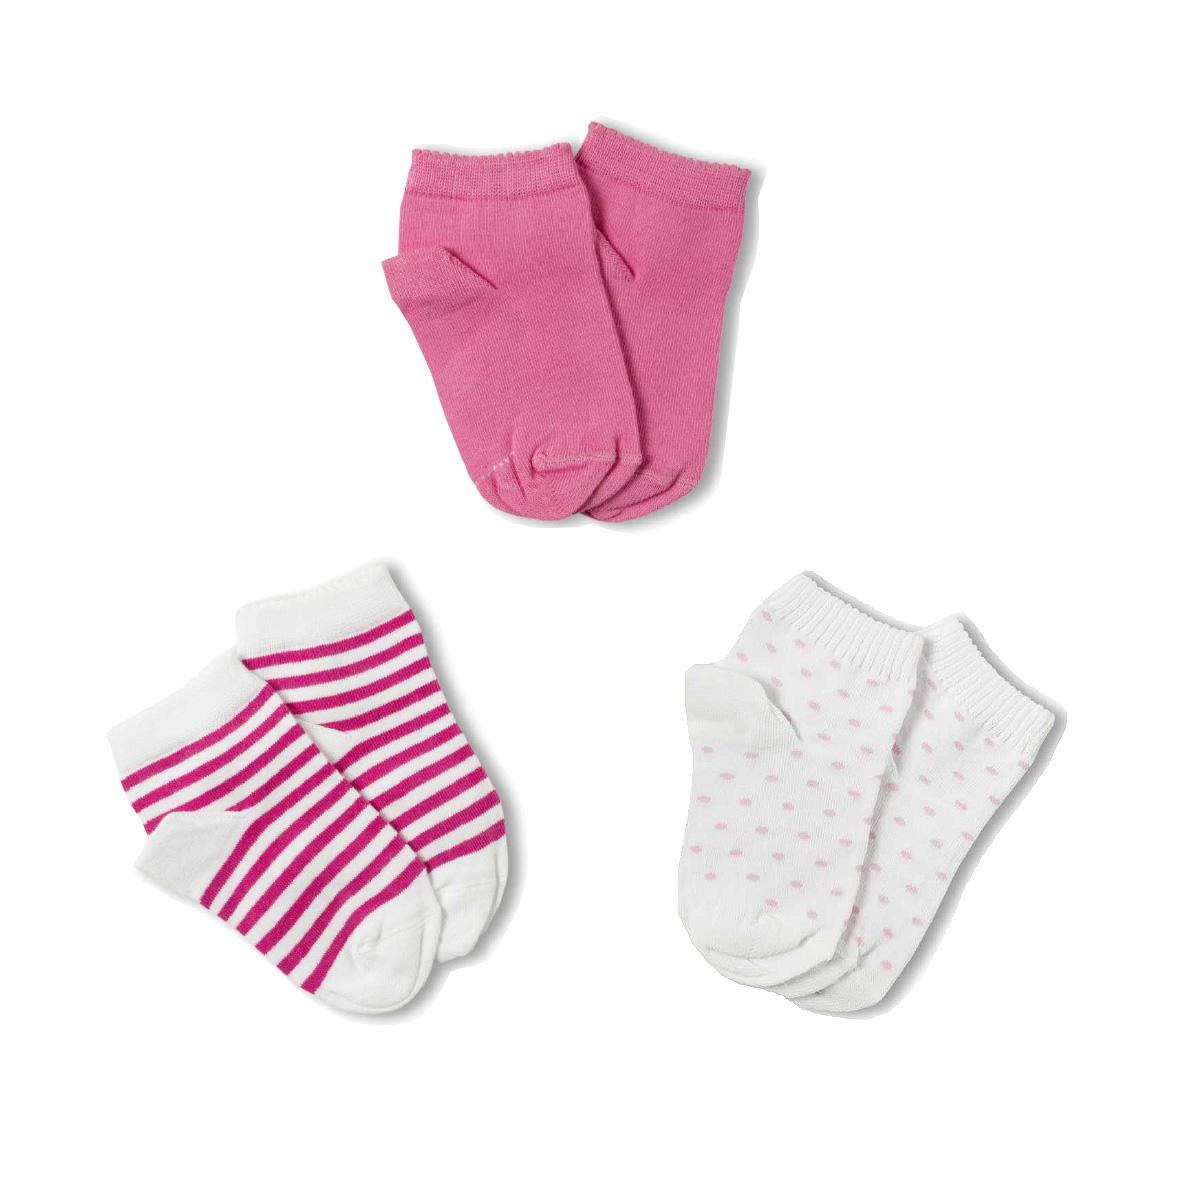 Meias Soquete Kids Meninas Kit com 3 pares (2-5 anos) | LUPO